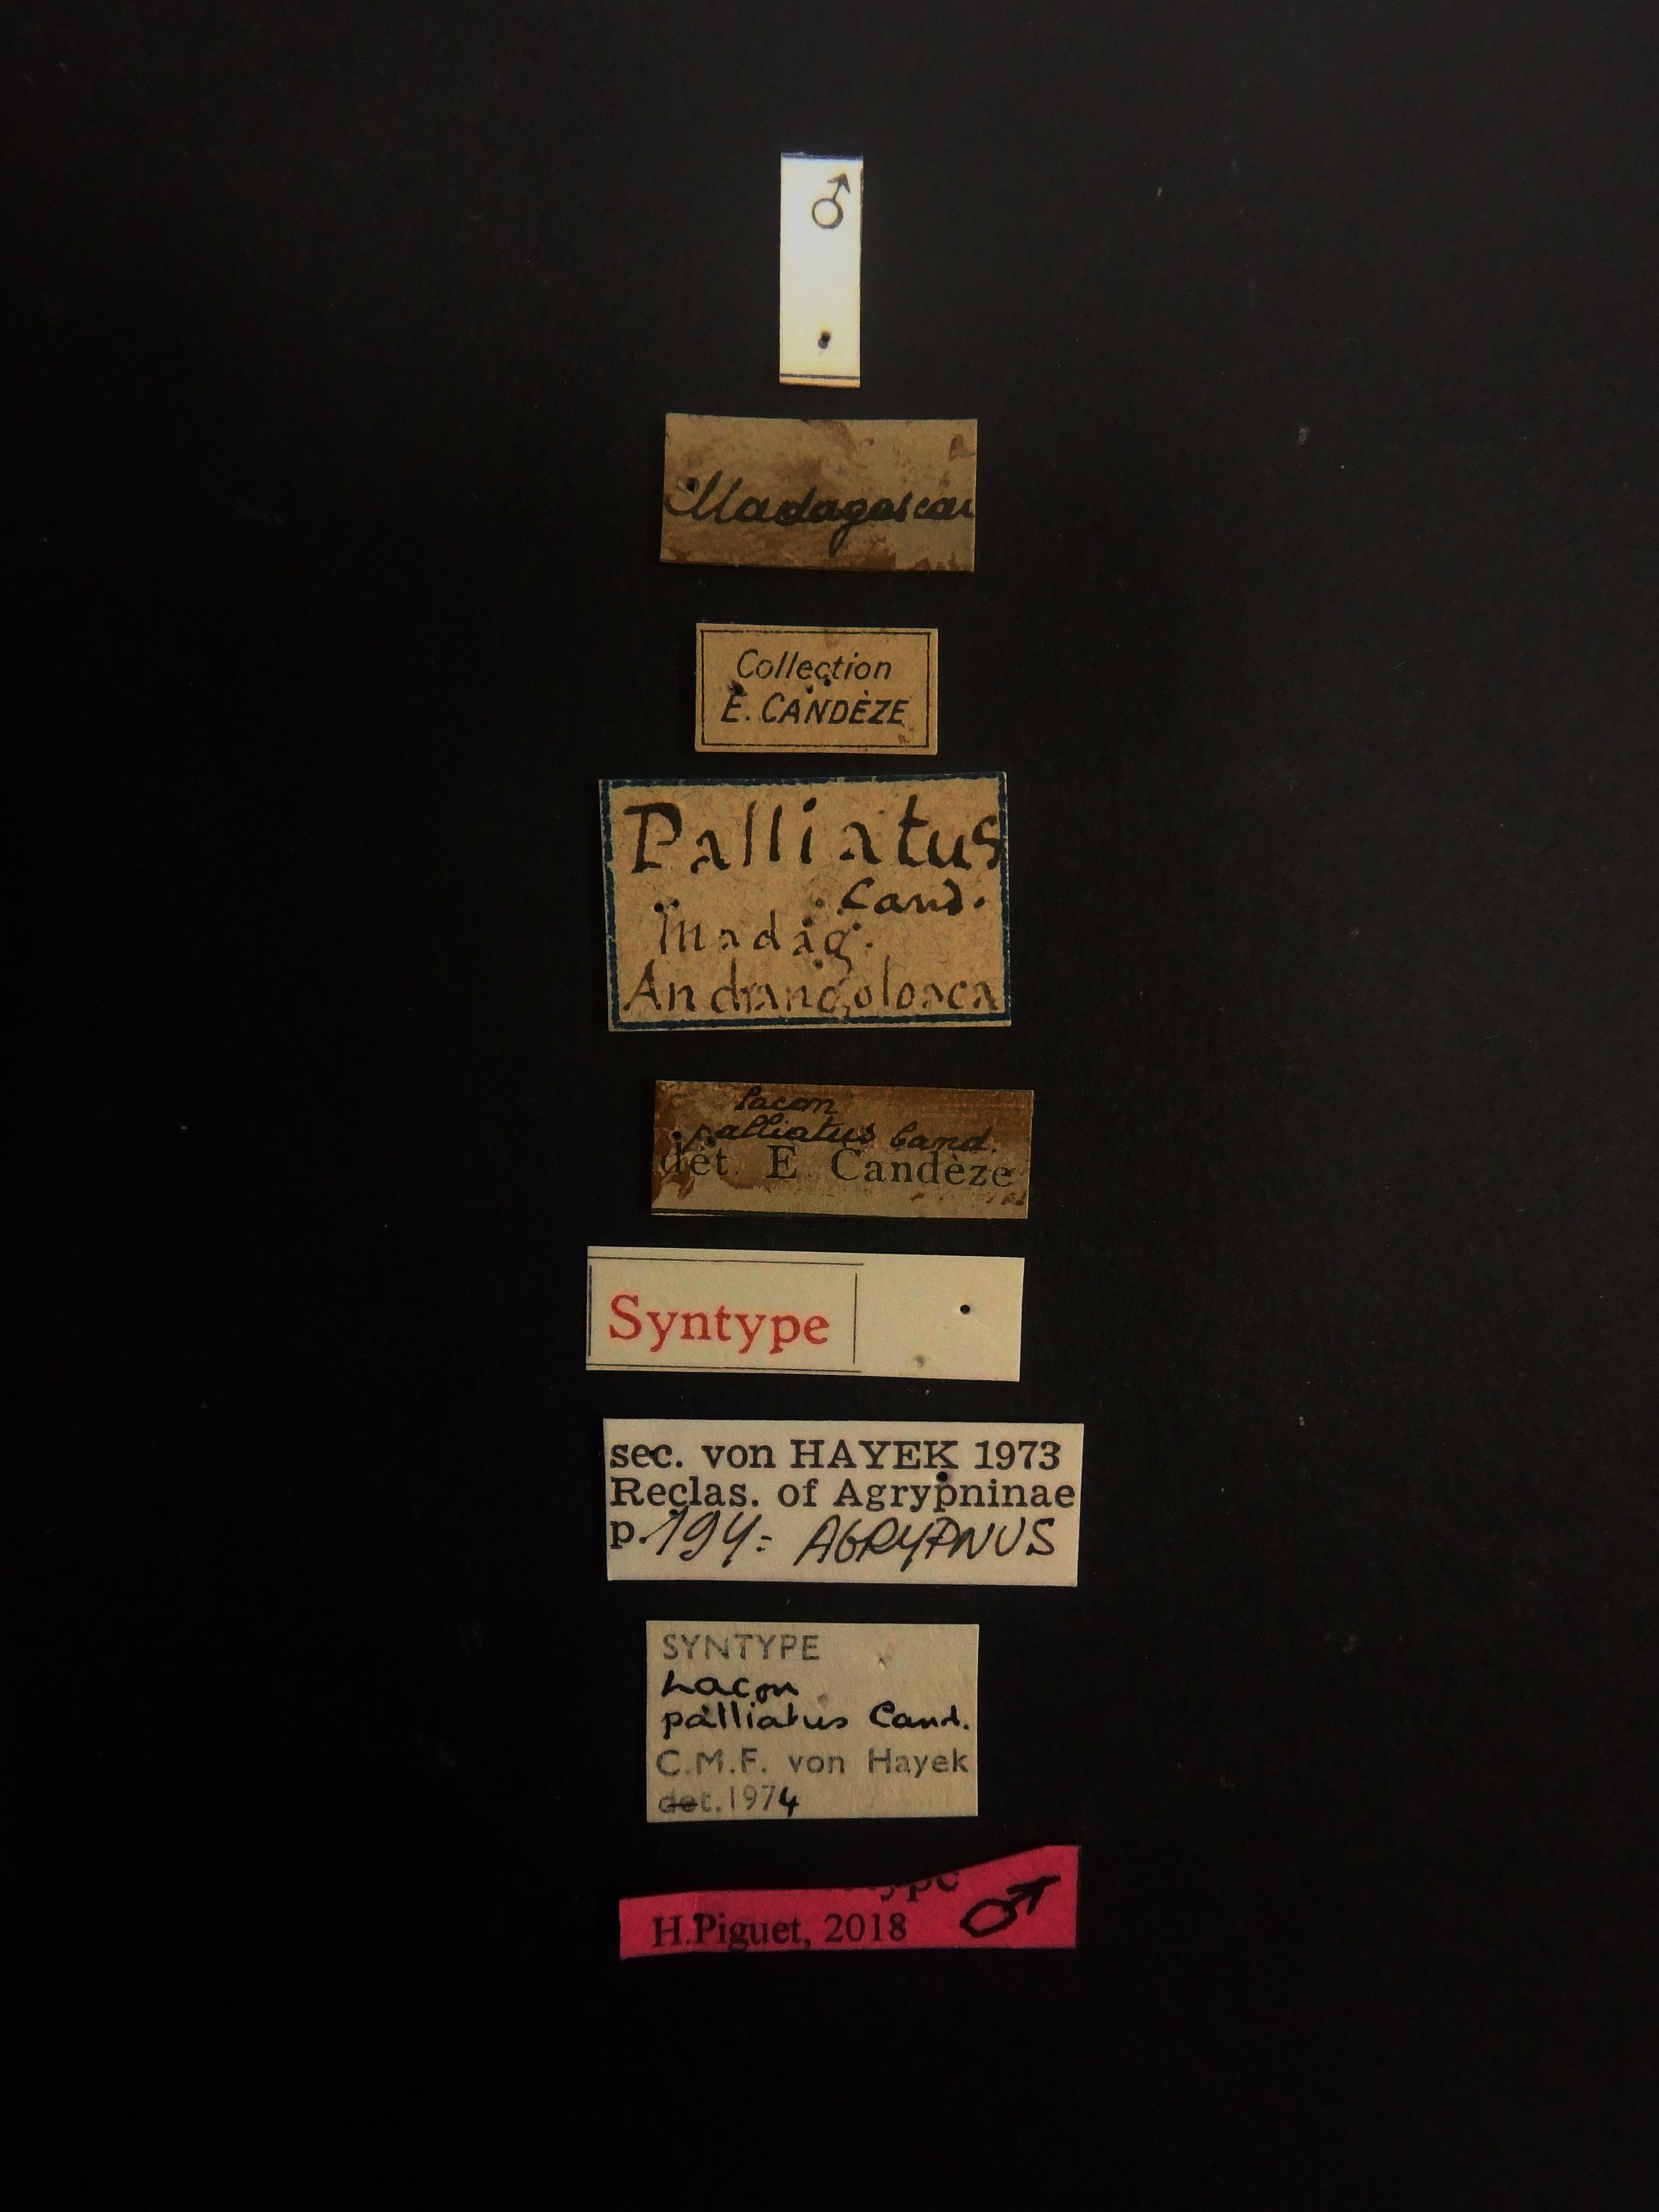 Lacon palliatus M st Labels.JPG